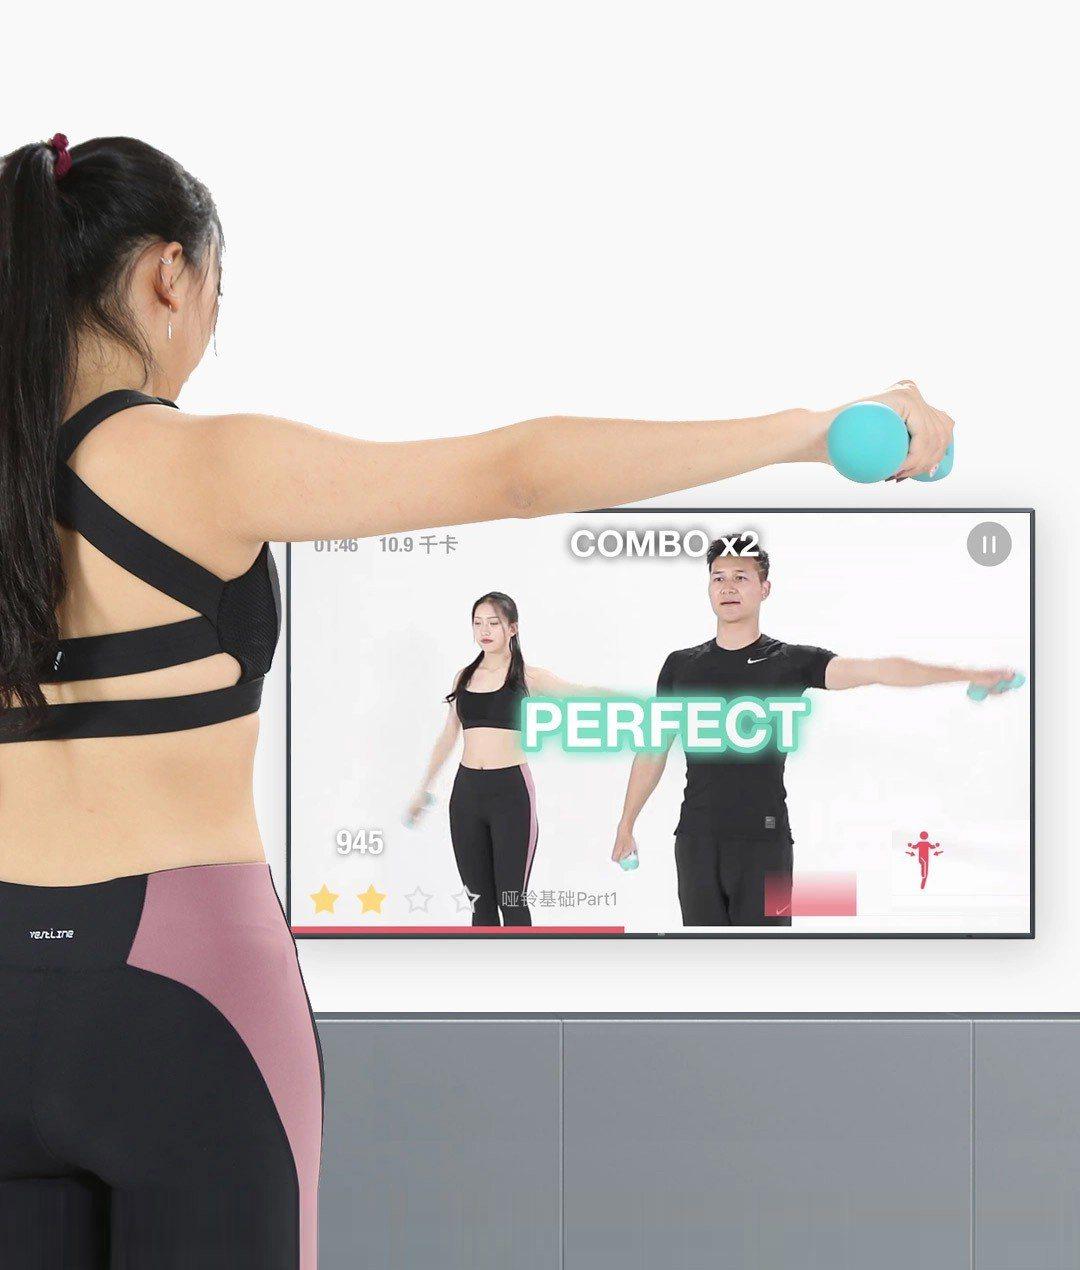 將App課程投放到電視,讓家裡就像健身房。圖/好玩國際提供